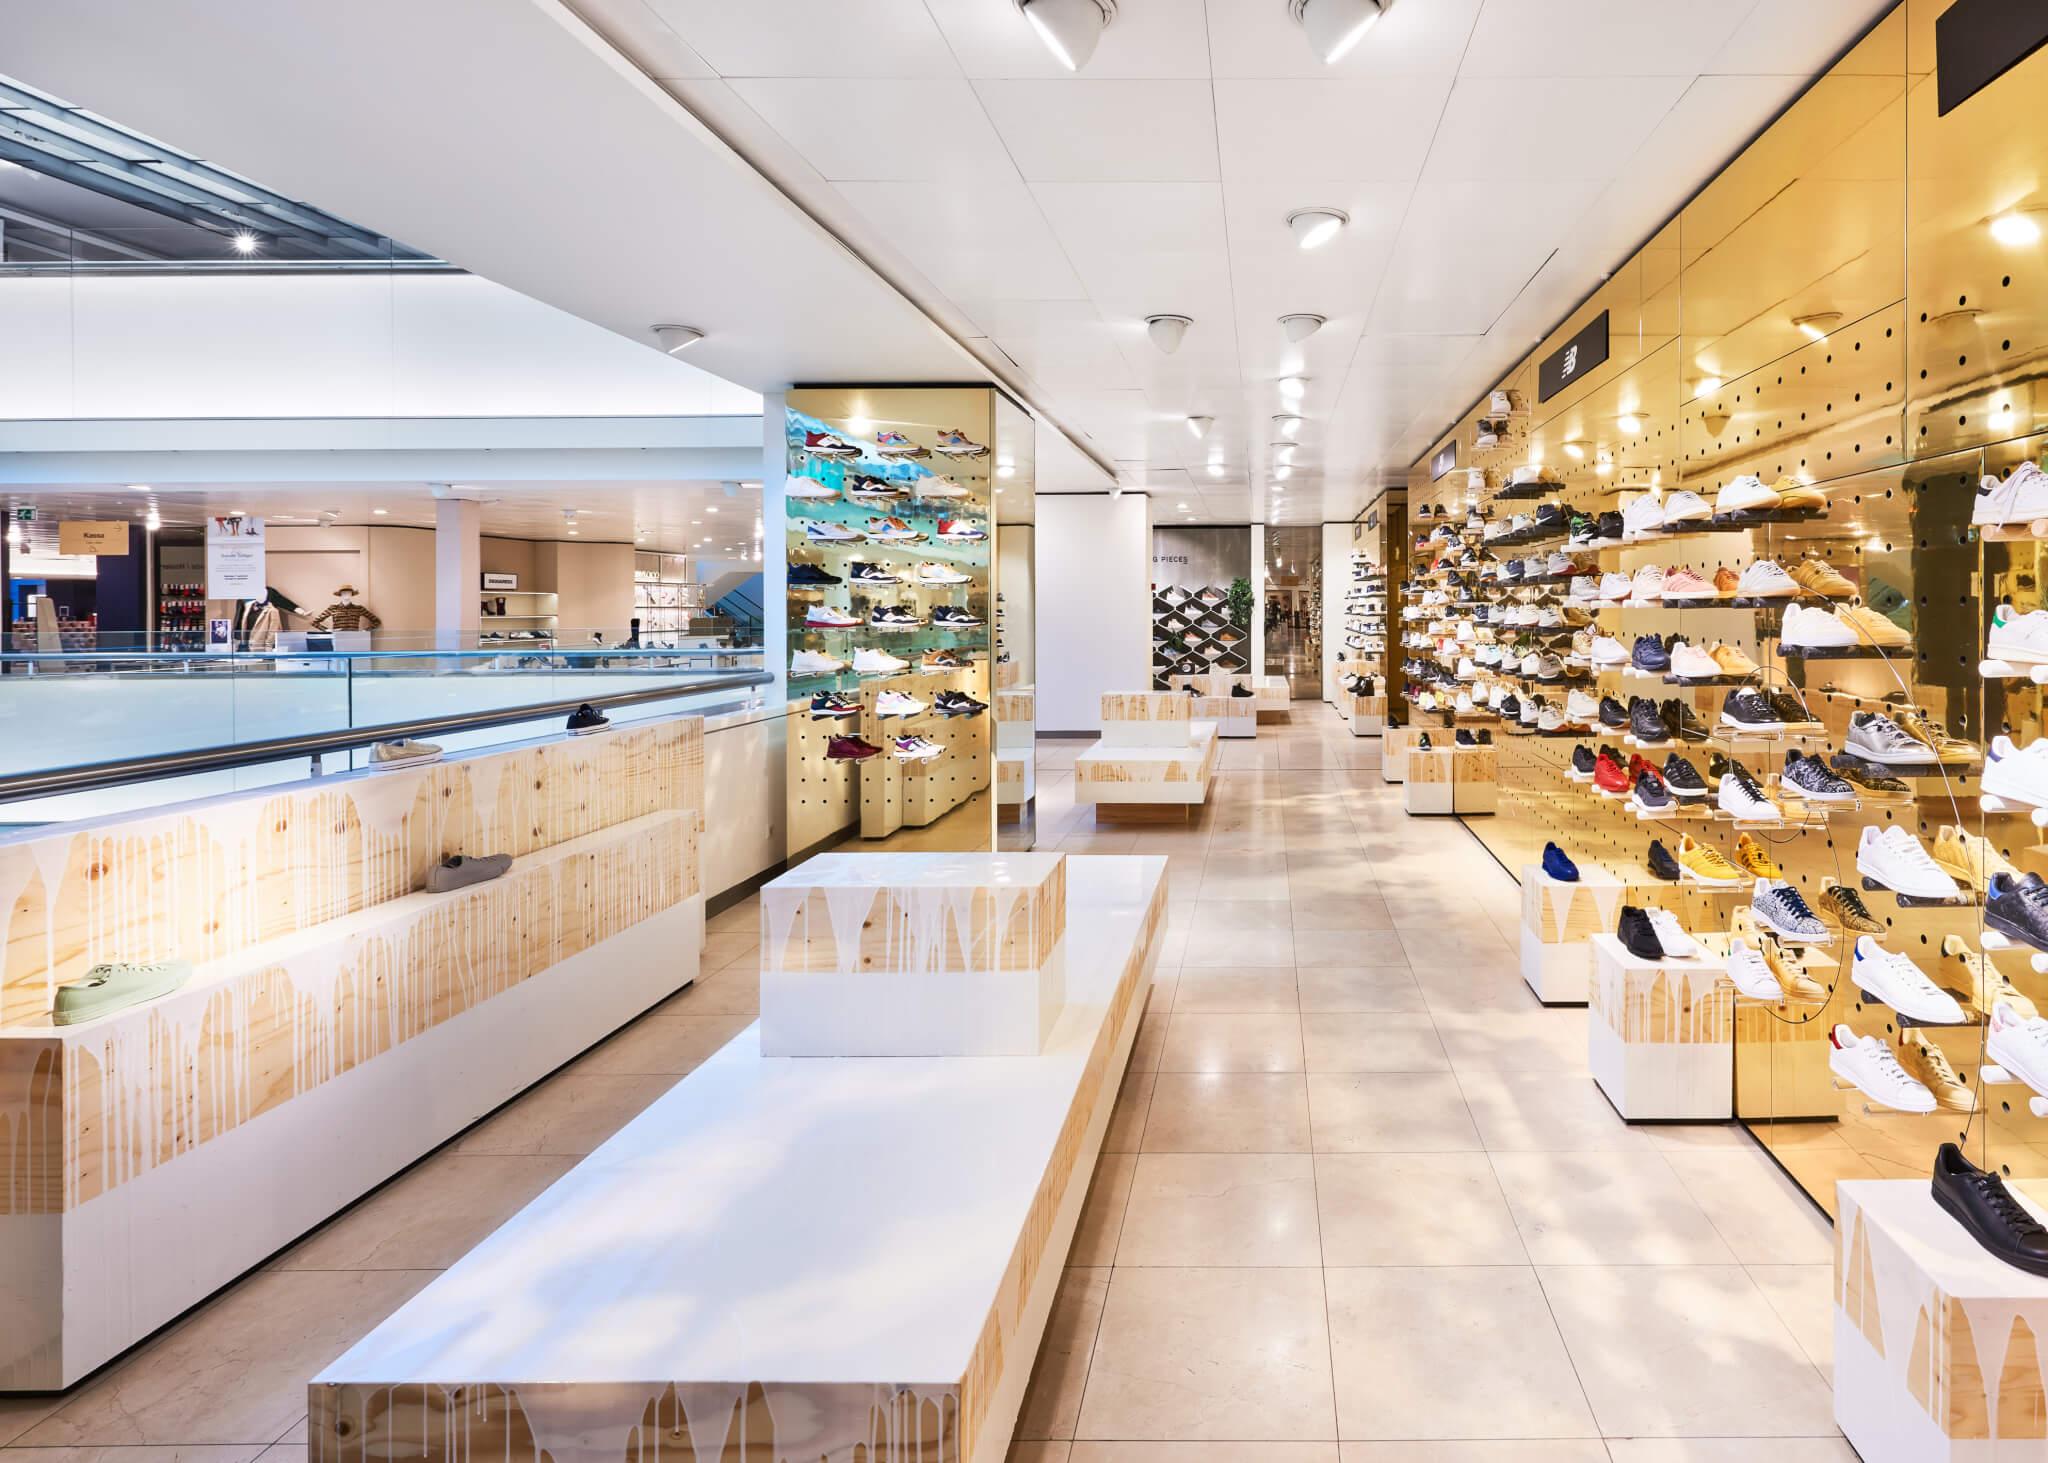 Gewerkt aan de winkel! Bijenkorf Amsterdam - Hemlock Group